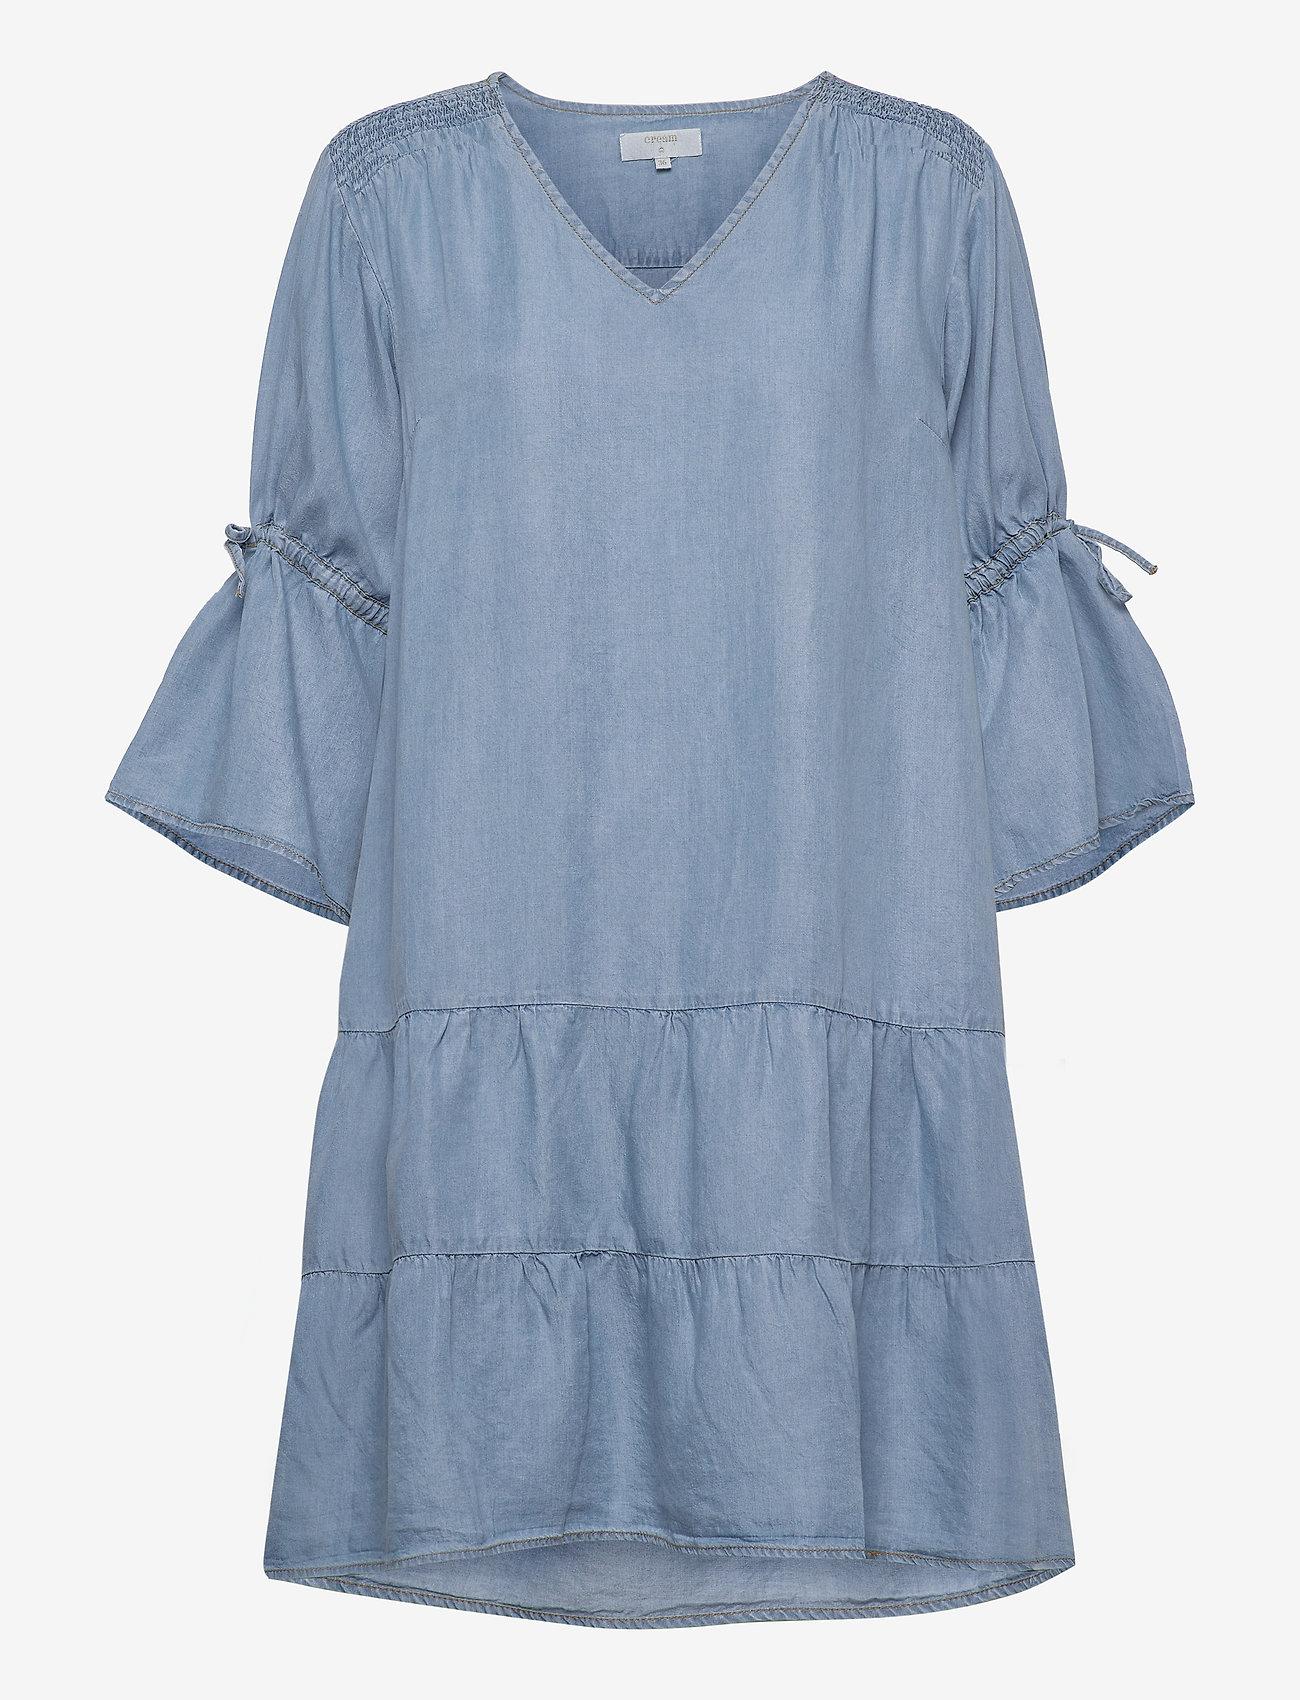 Fiecr Dress (Medium Blue Denim) (59.97 €) - Cream tC5kQ